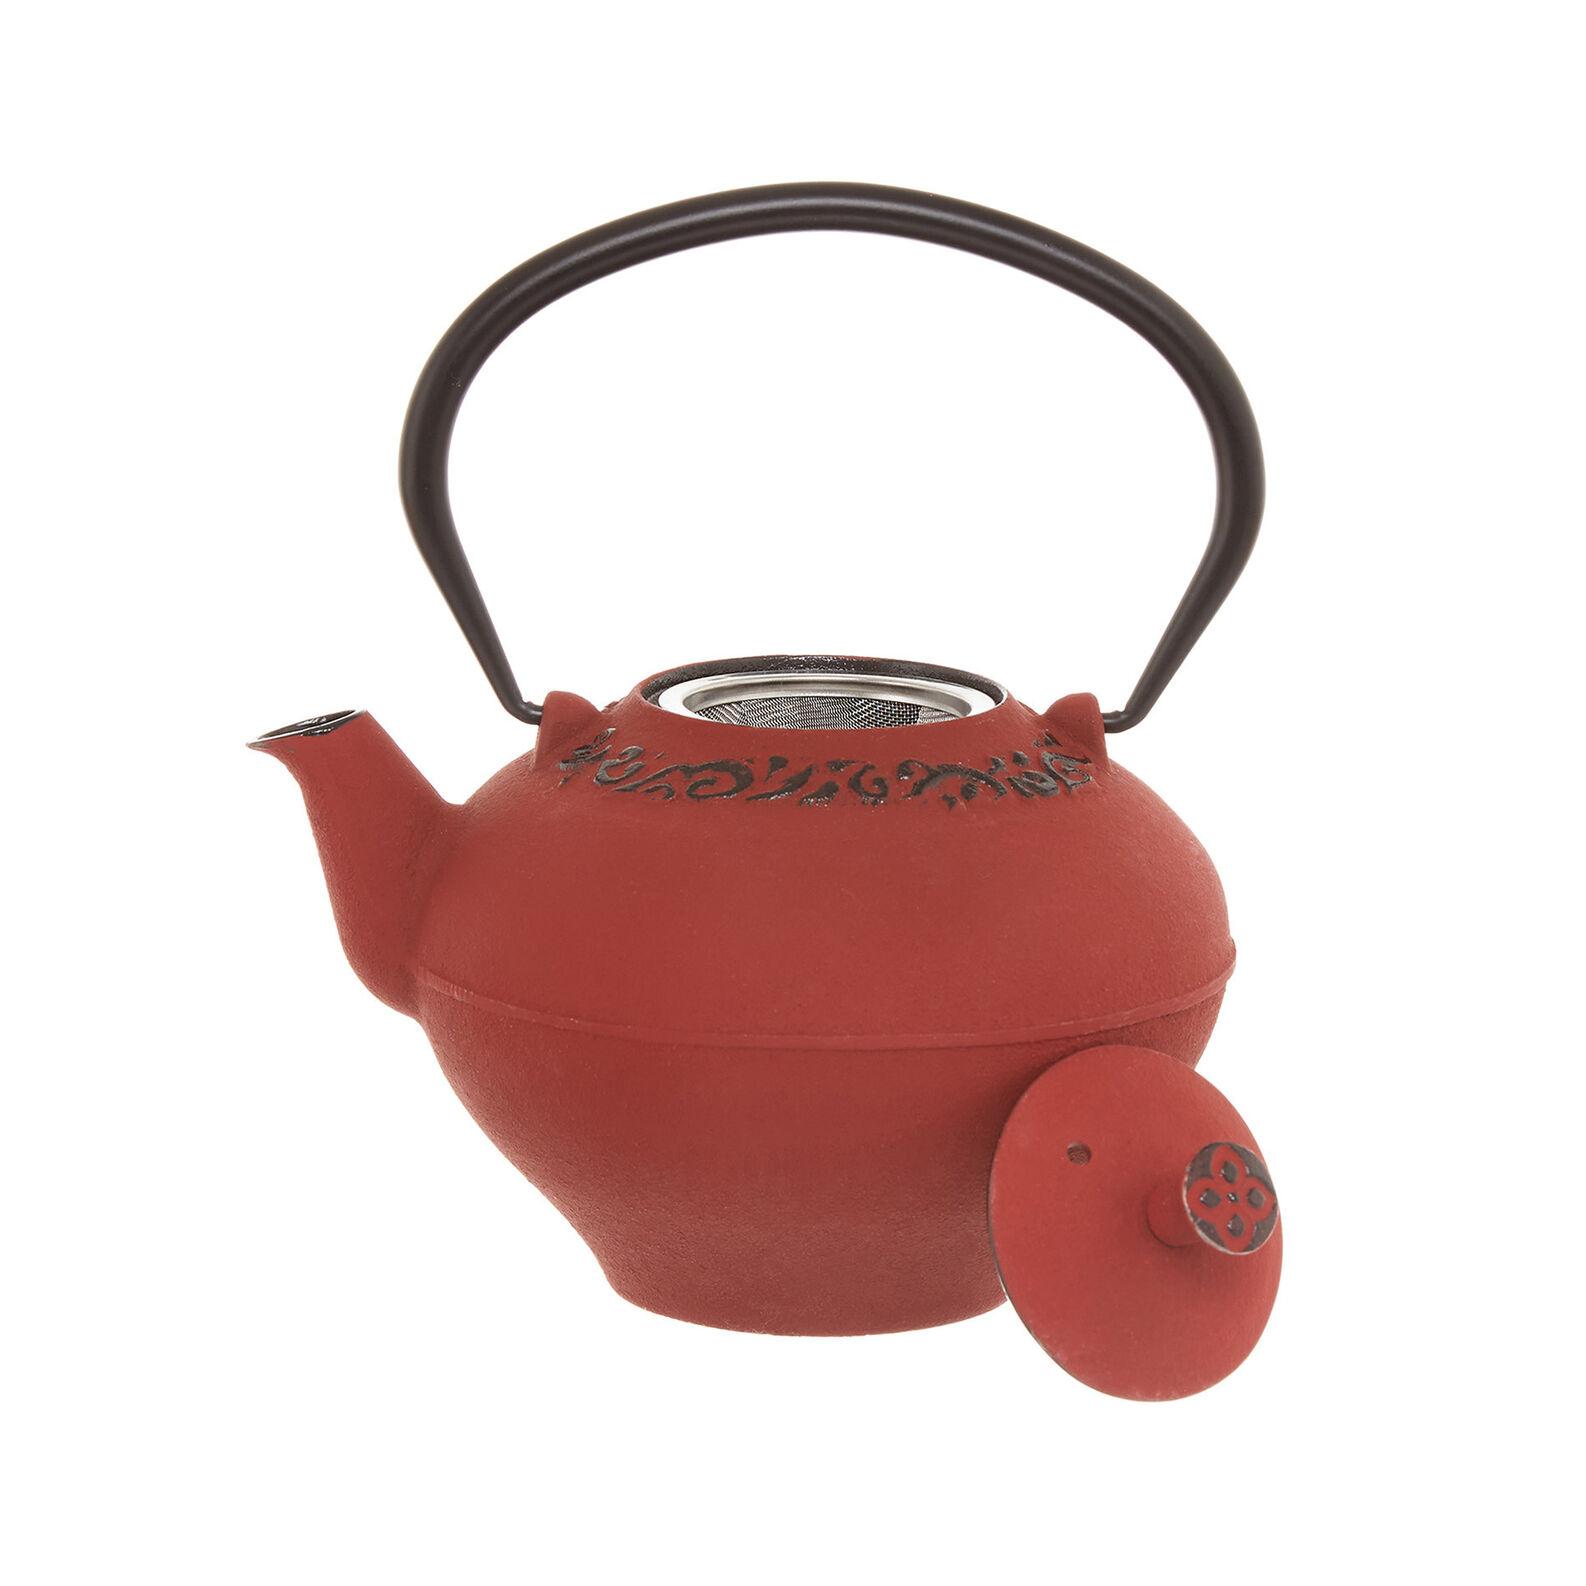 Japanese style cast iron teapot